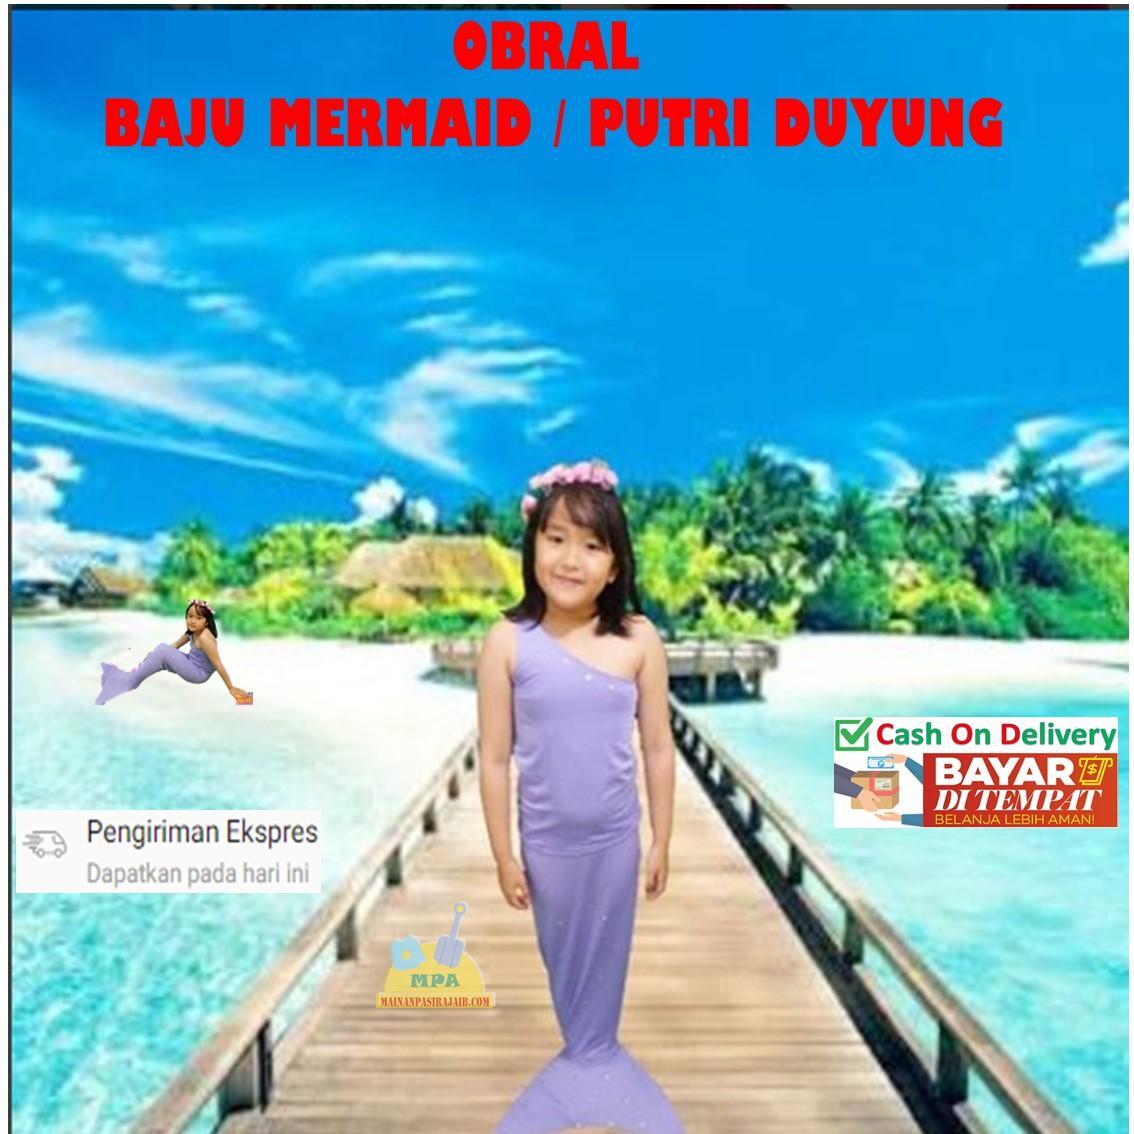 Baju Renang Baju Mermaid Lengan Pendek Baju Putri Duyung Kostum Mermaid Baju Anak Ekor Ikan